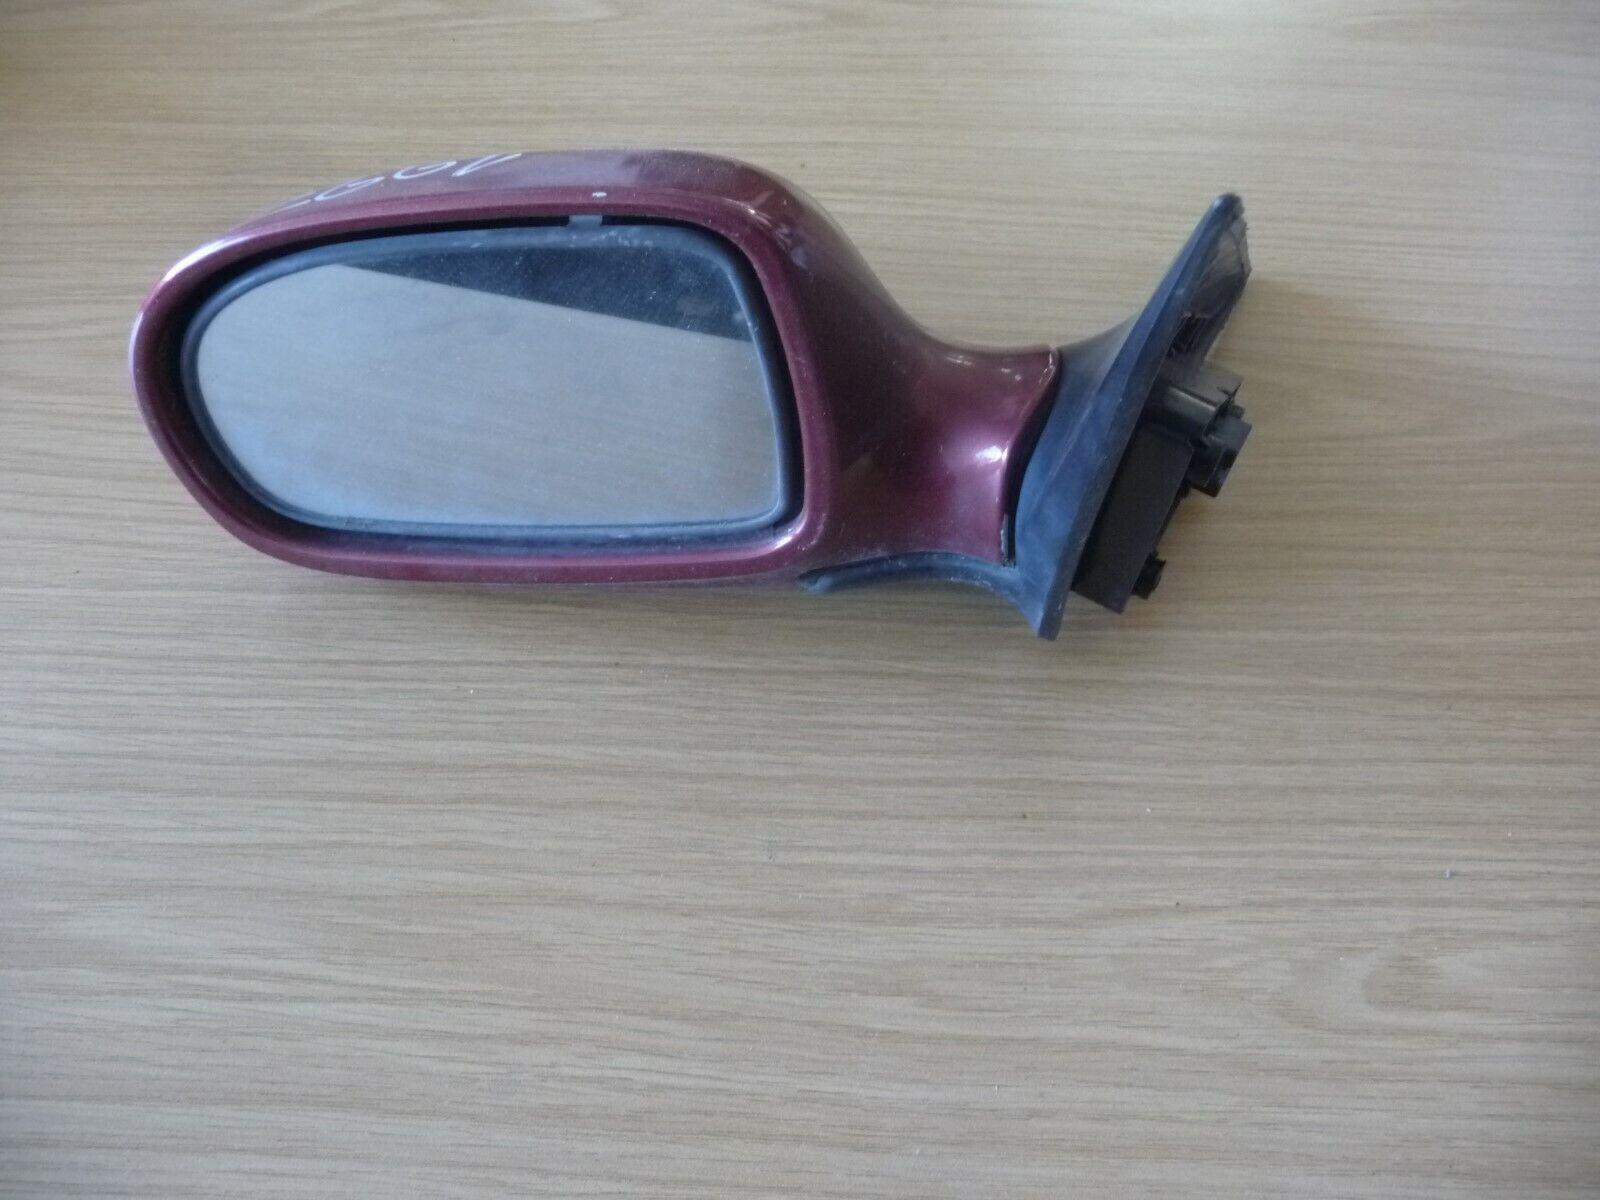 Daewoo Nubira 2,0 L EZ98 Außenspiegel  Elektrisch Vorne Links Rot   (19972)